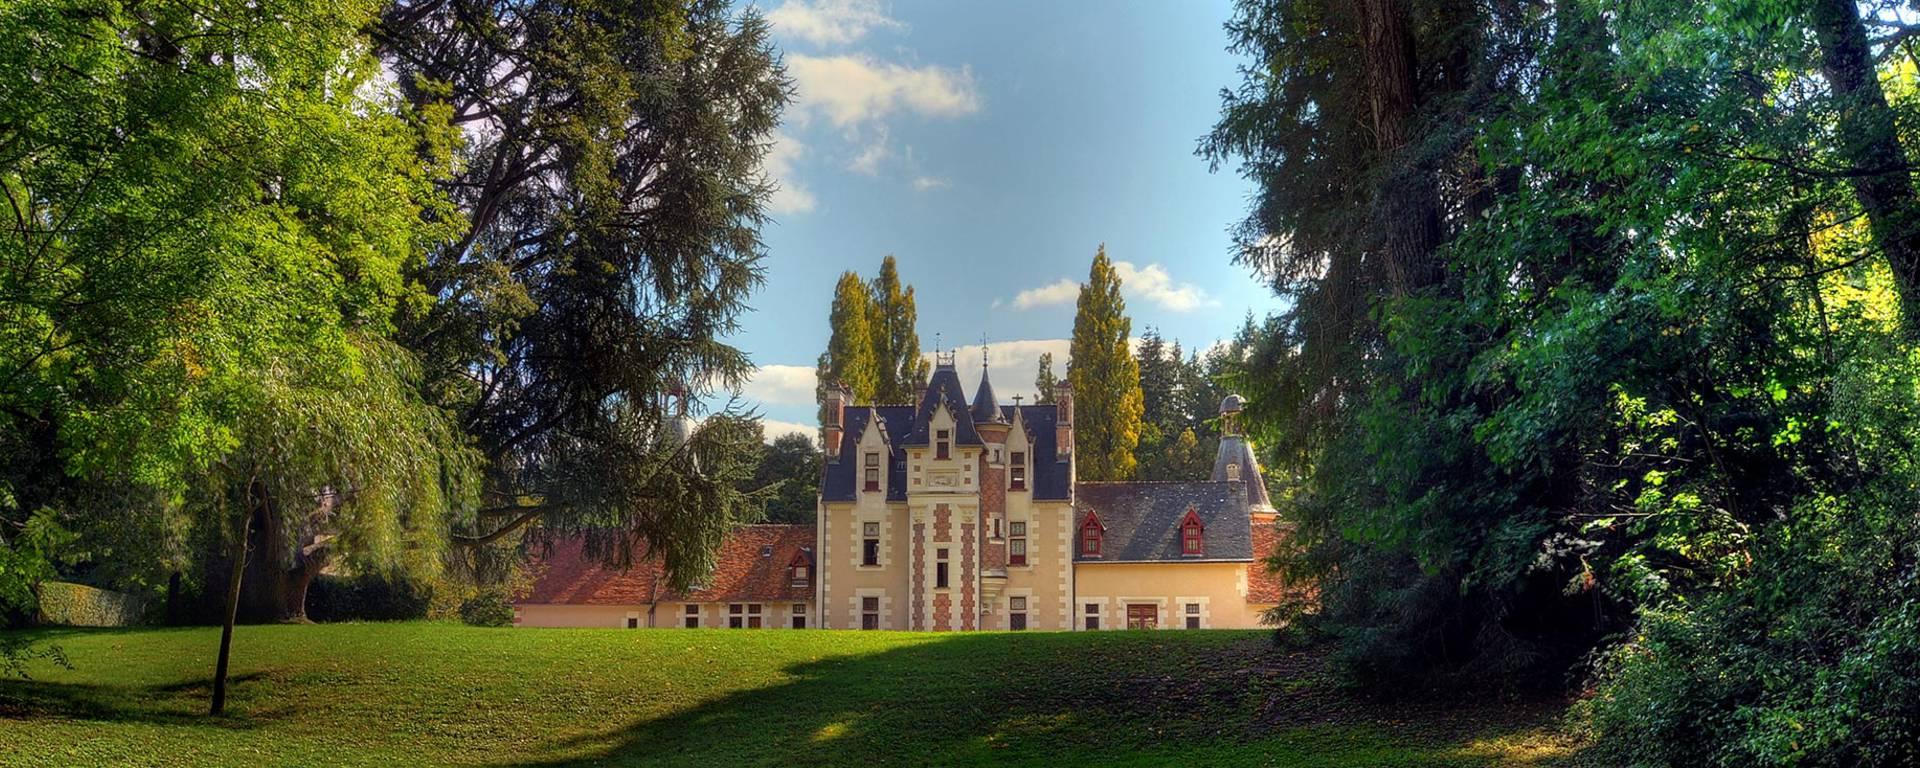 Le parc du château de Troussay